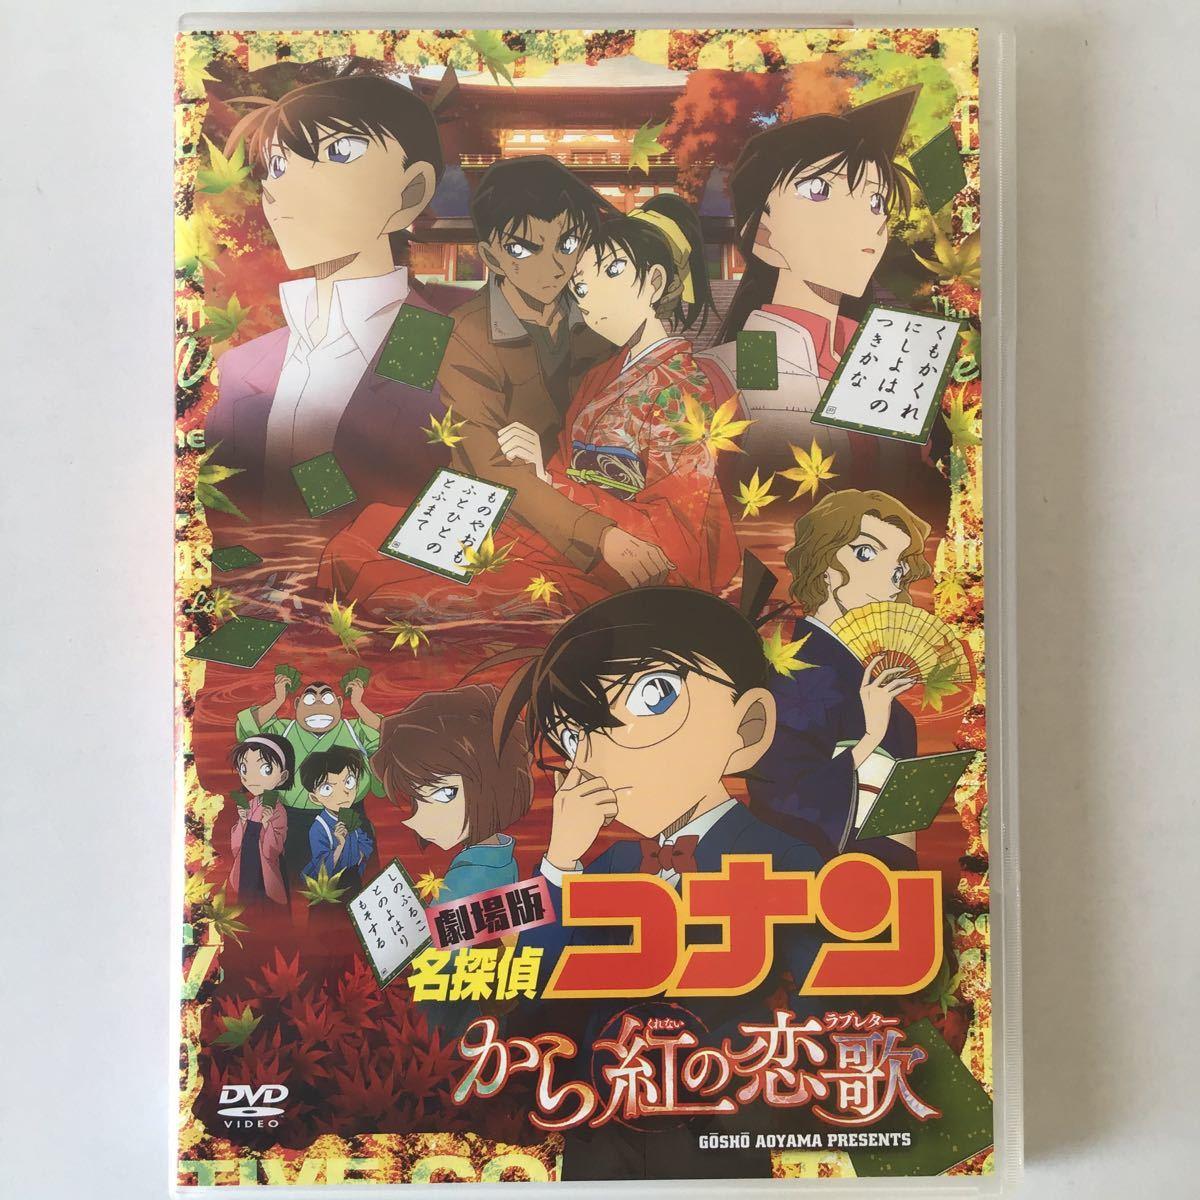 劇場版名探偵コナン から紅の恋歌 DVD